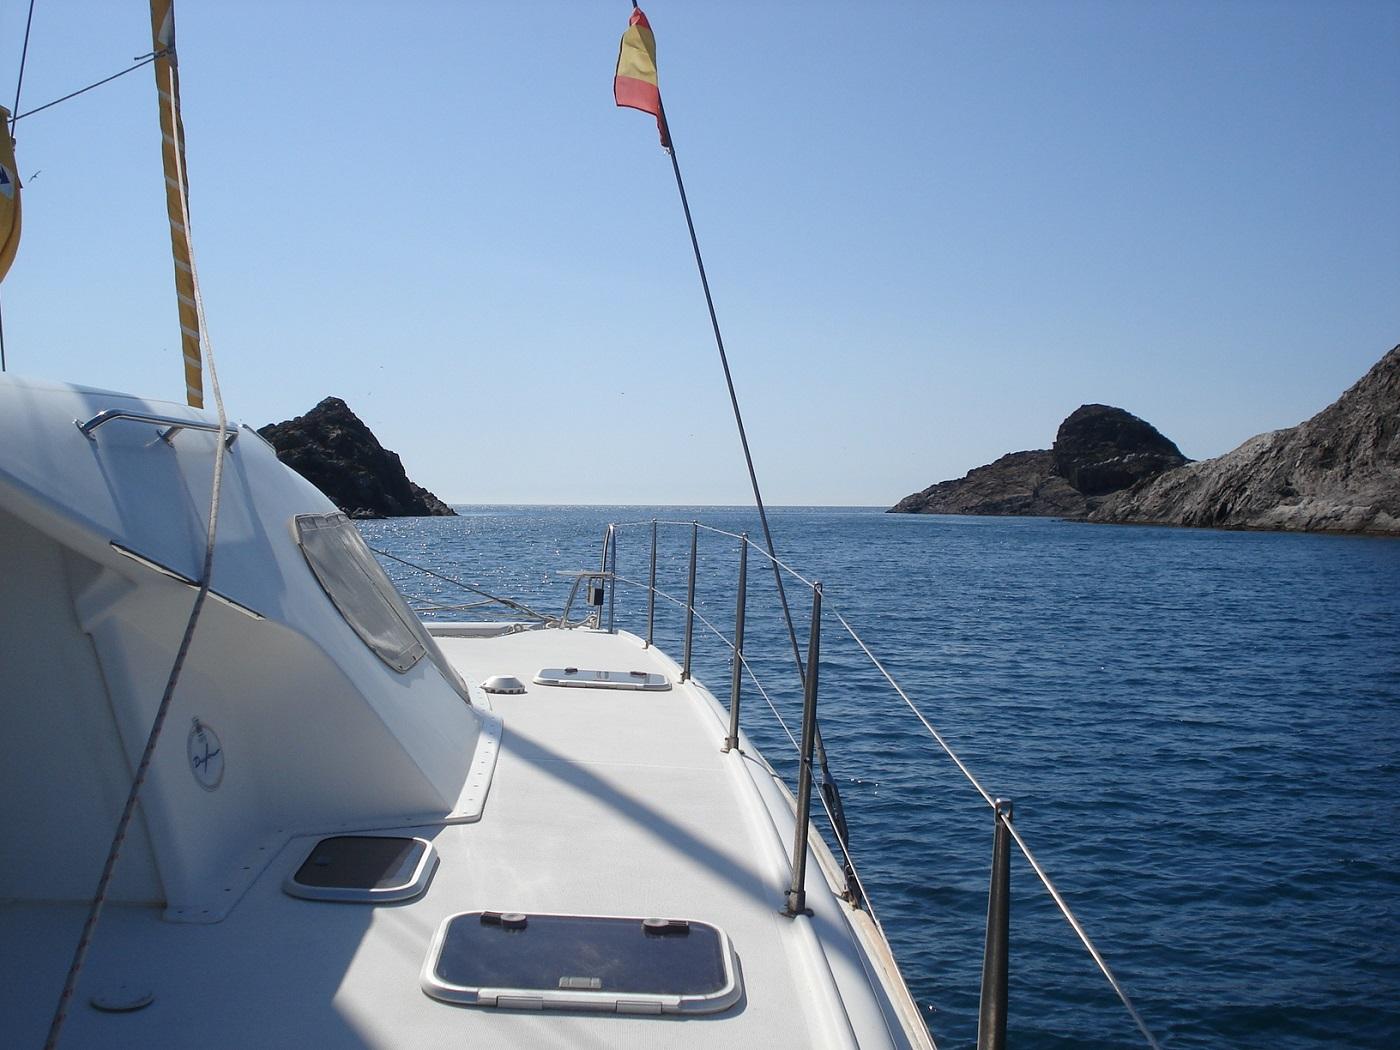 Nautitech 435 - Spain